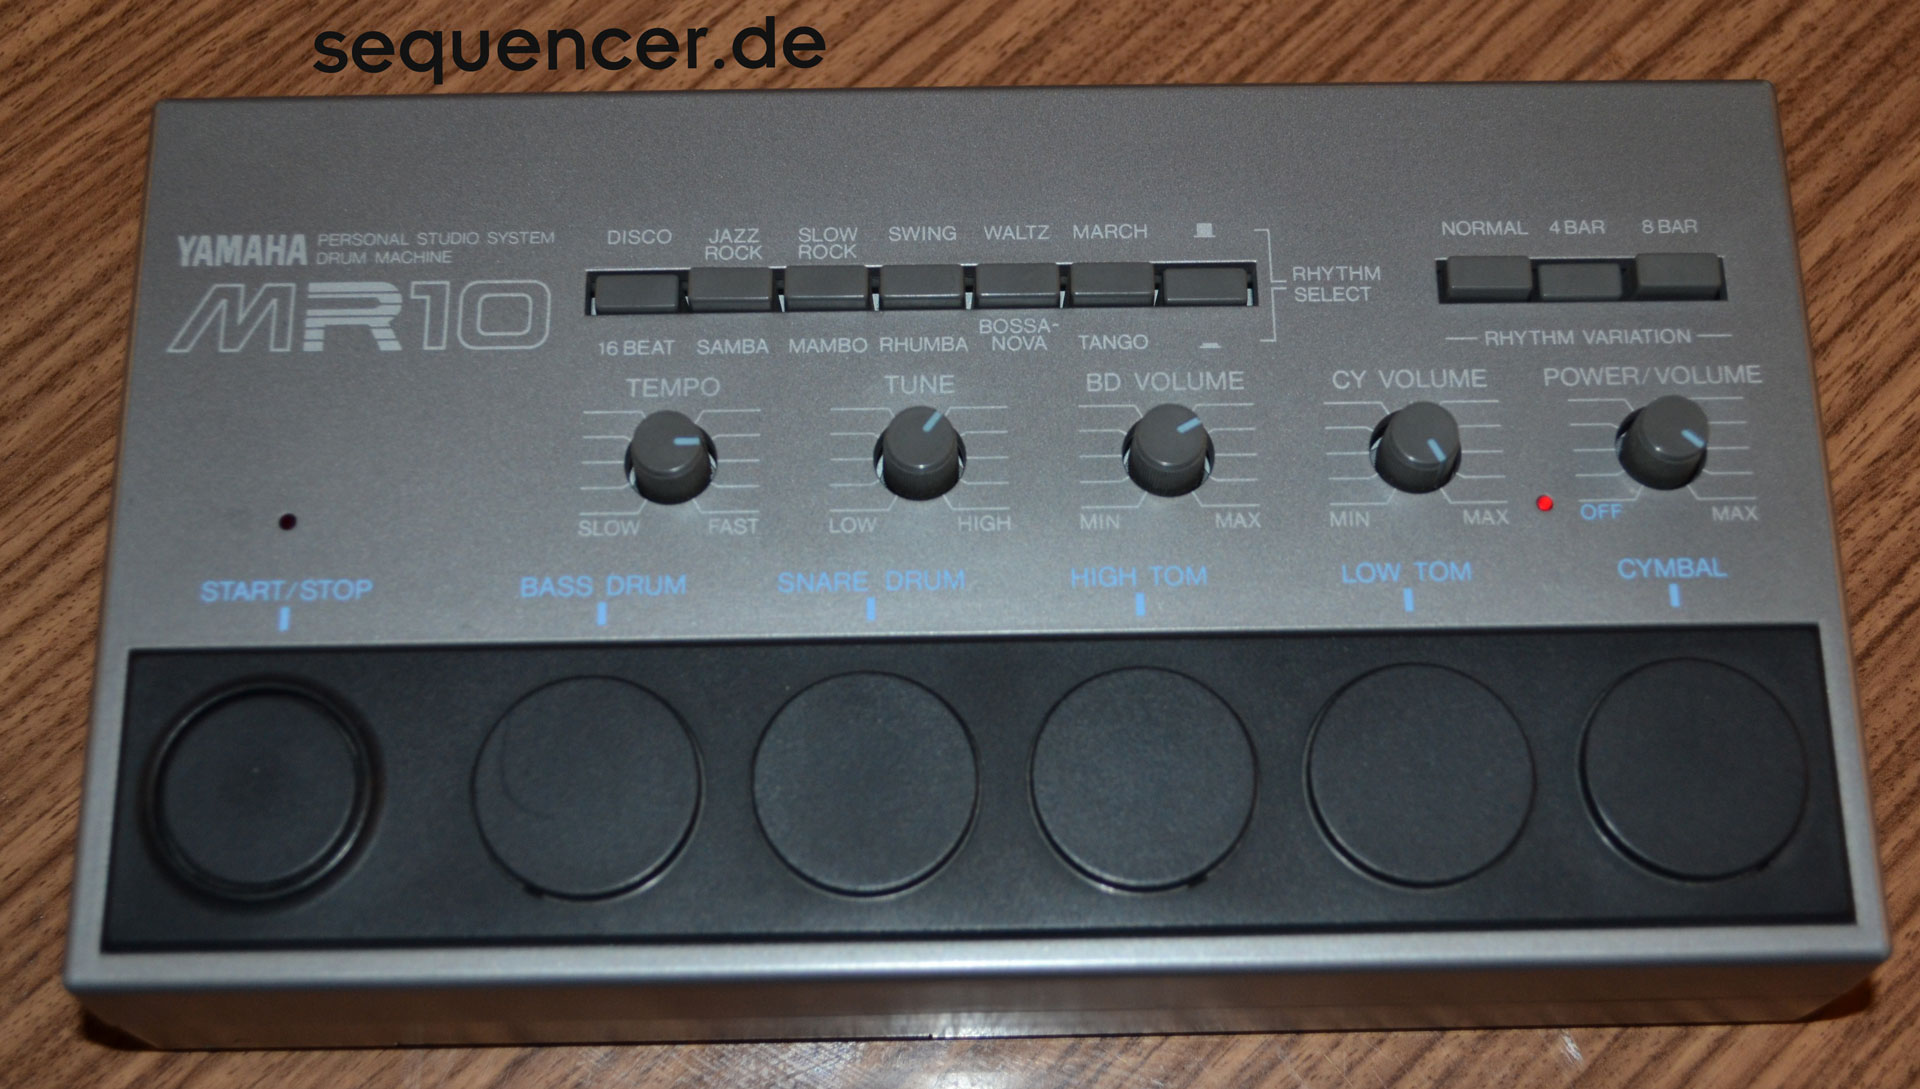 Yamaha MR10 synthesizer